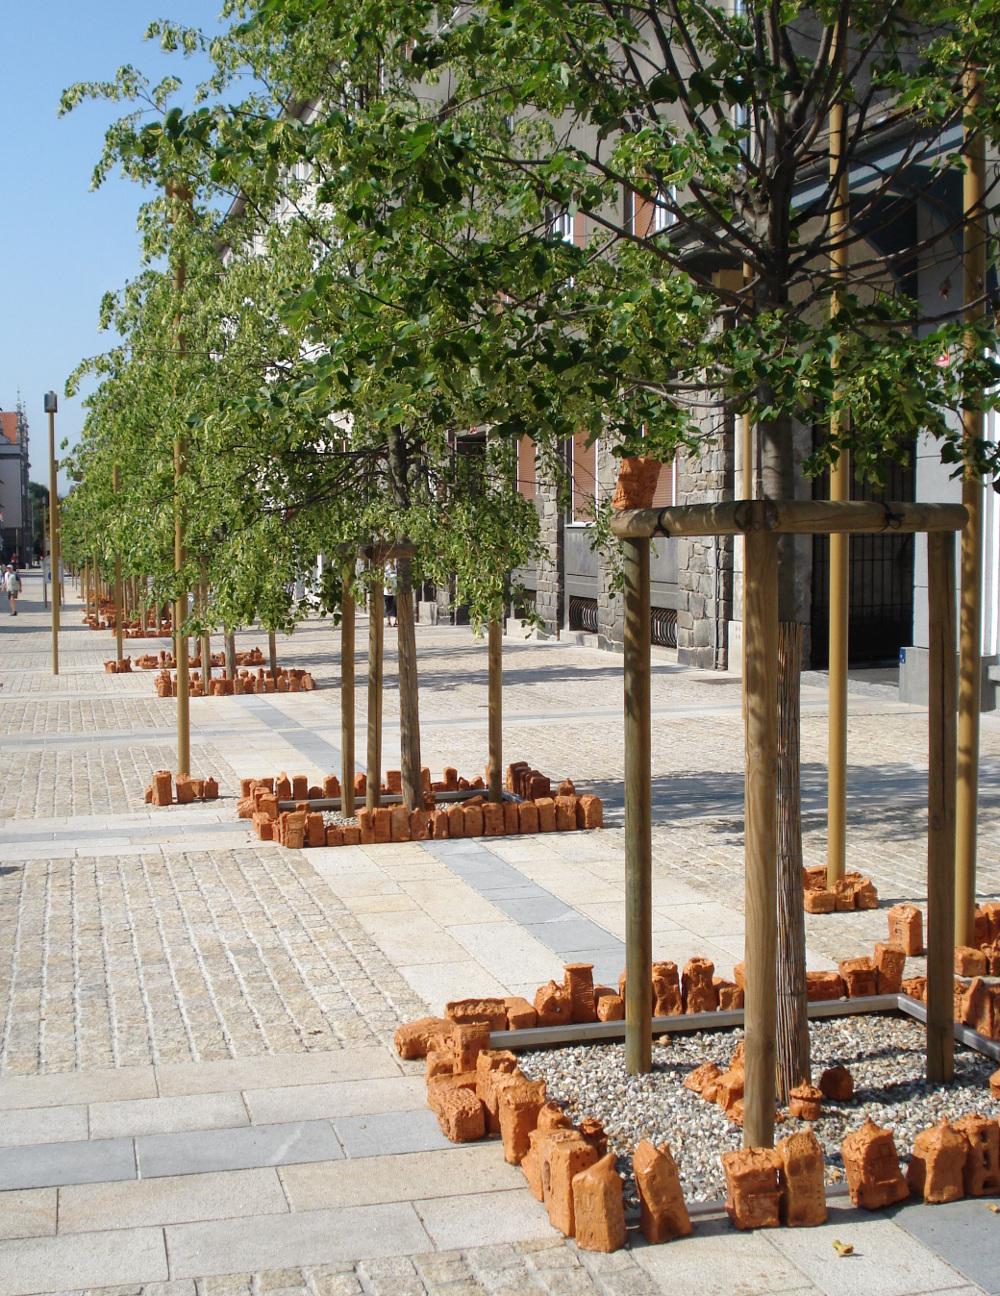 Daginstitutioner bygger huse omkring gadens træer, Slovenien_3